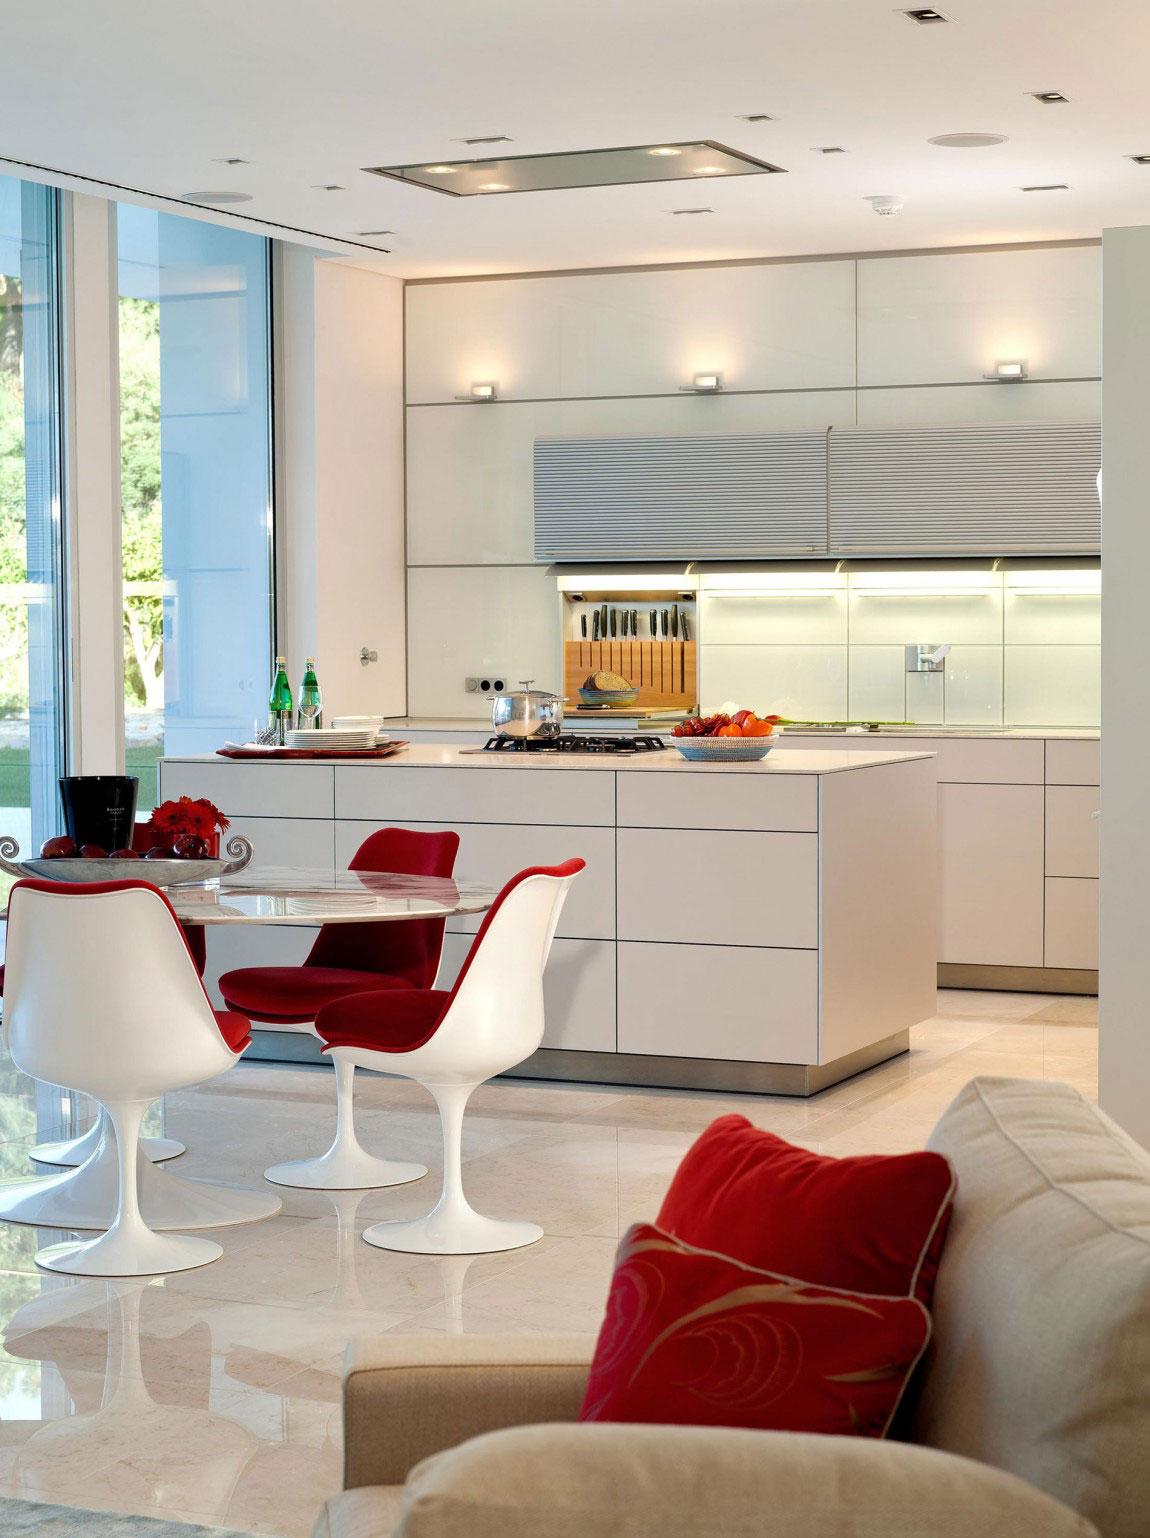 Kitchen-Interior-Design-Gallery-9 Kitchen-Interior Design-Gallery full av fantastiska exempel